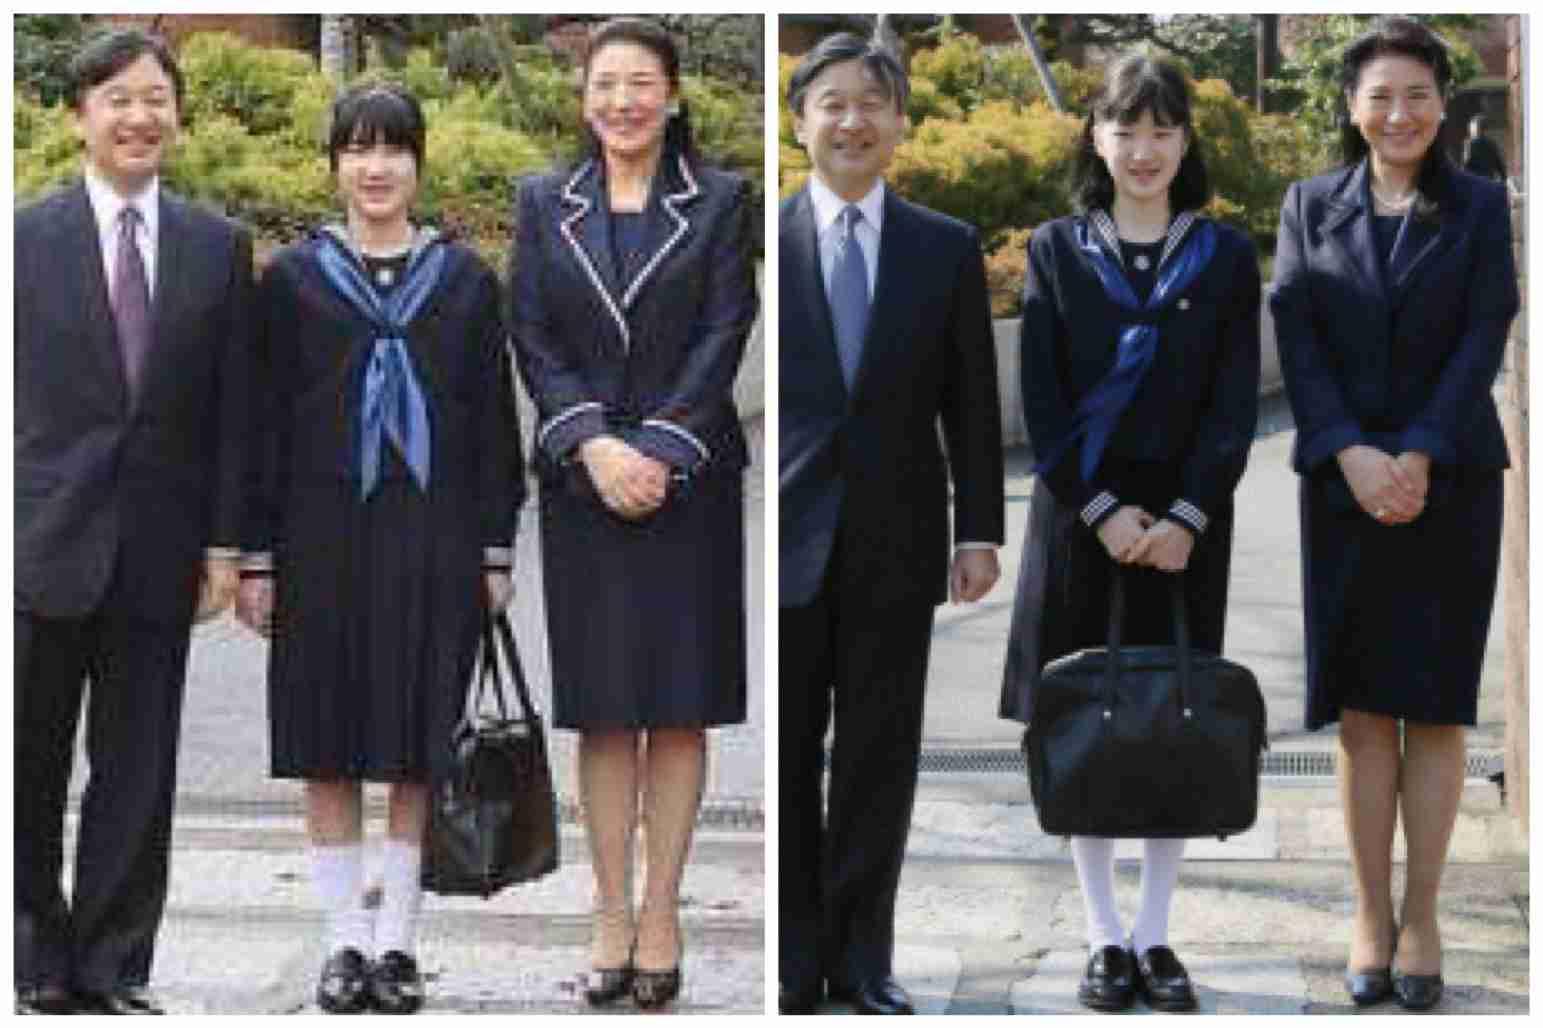 愛子さま、中等科卒業=4月から高校生-宮内庁